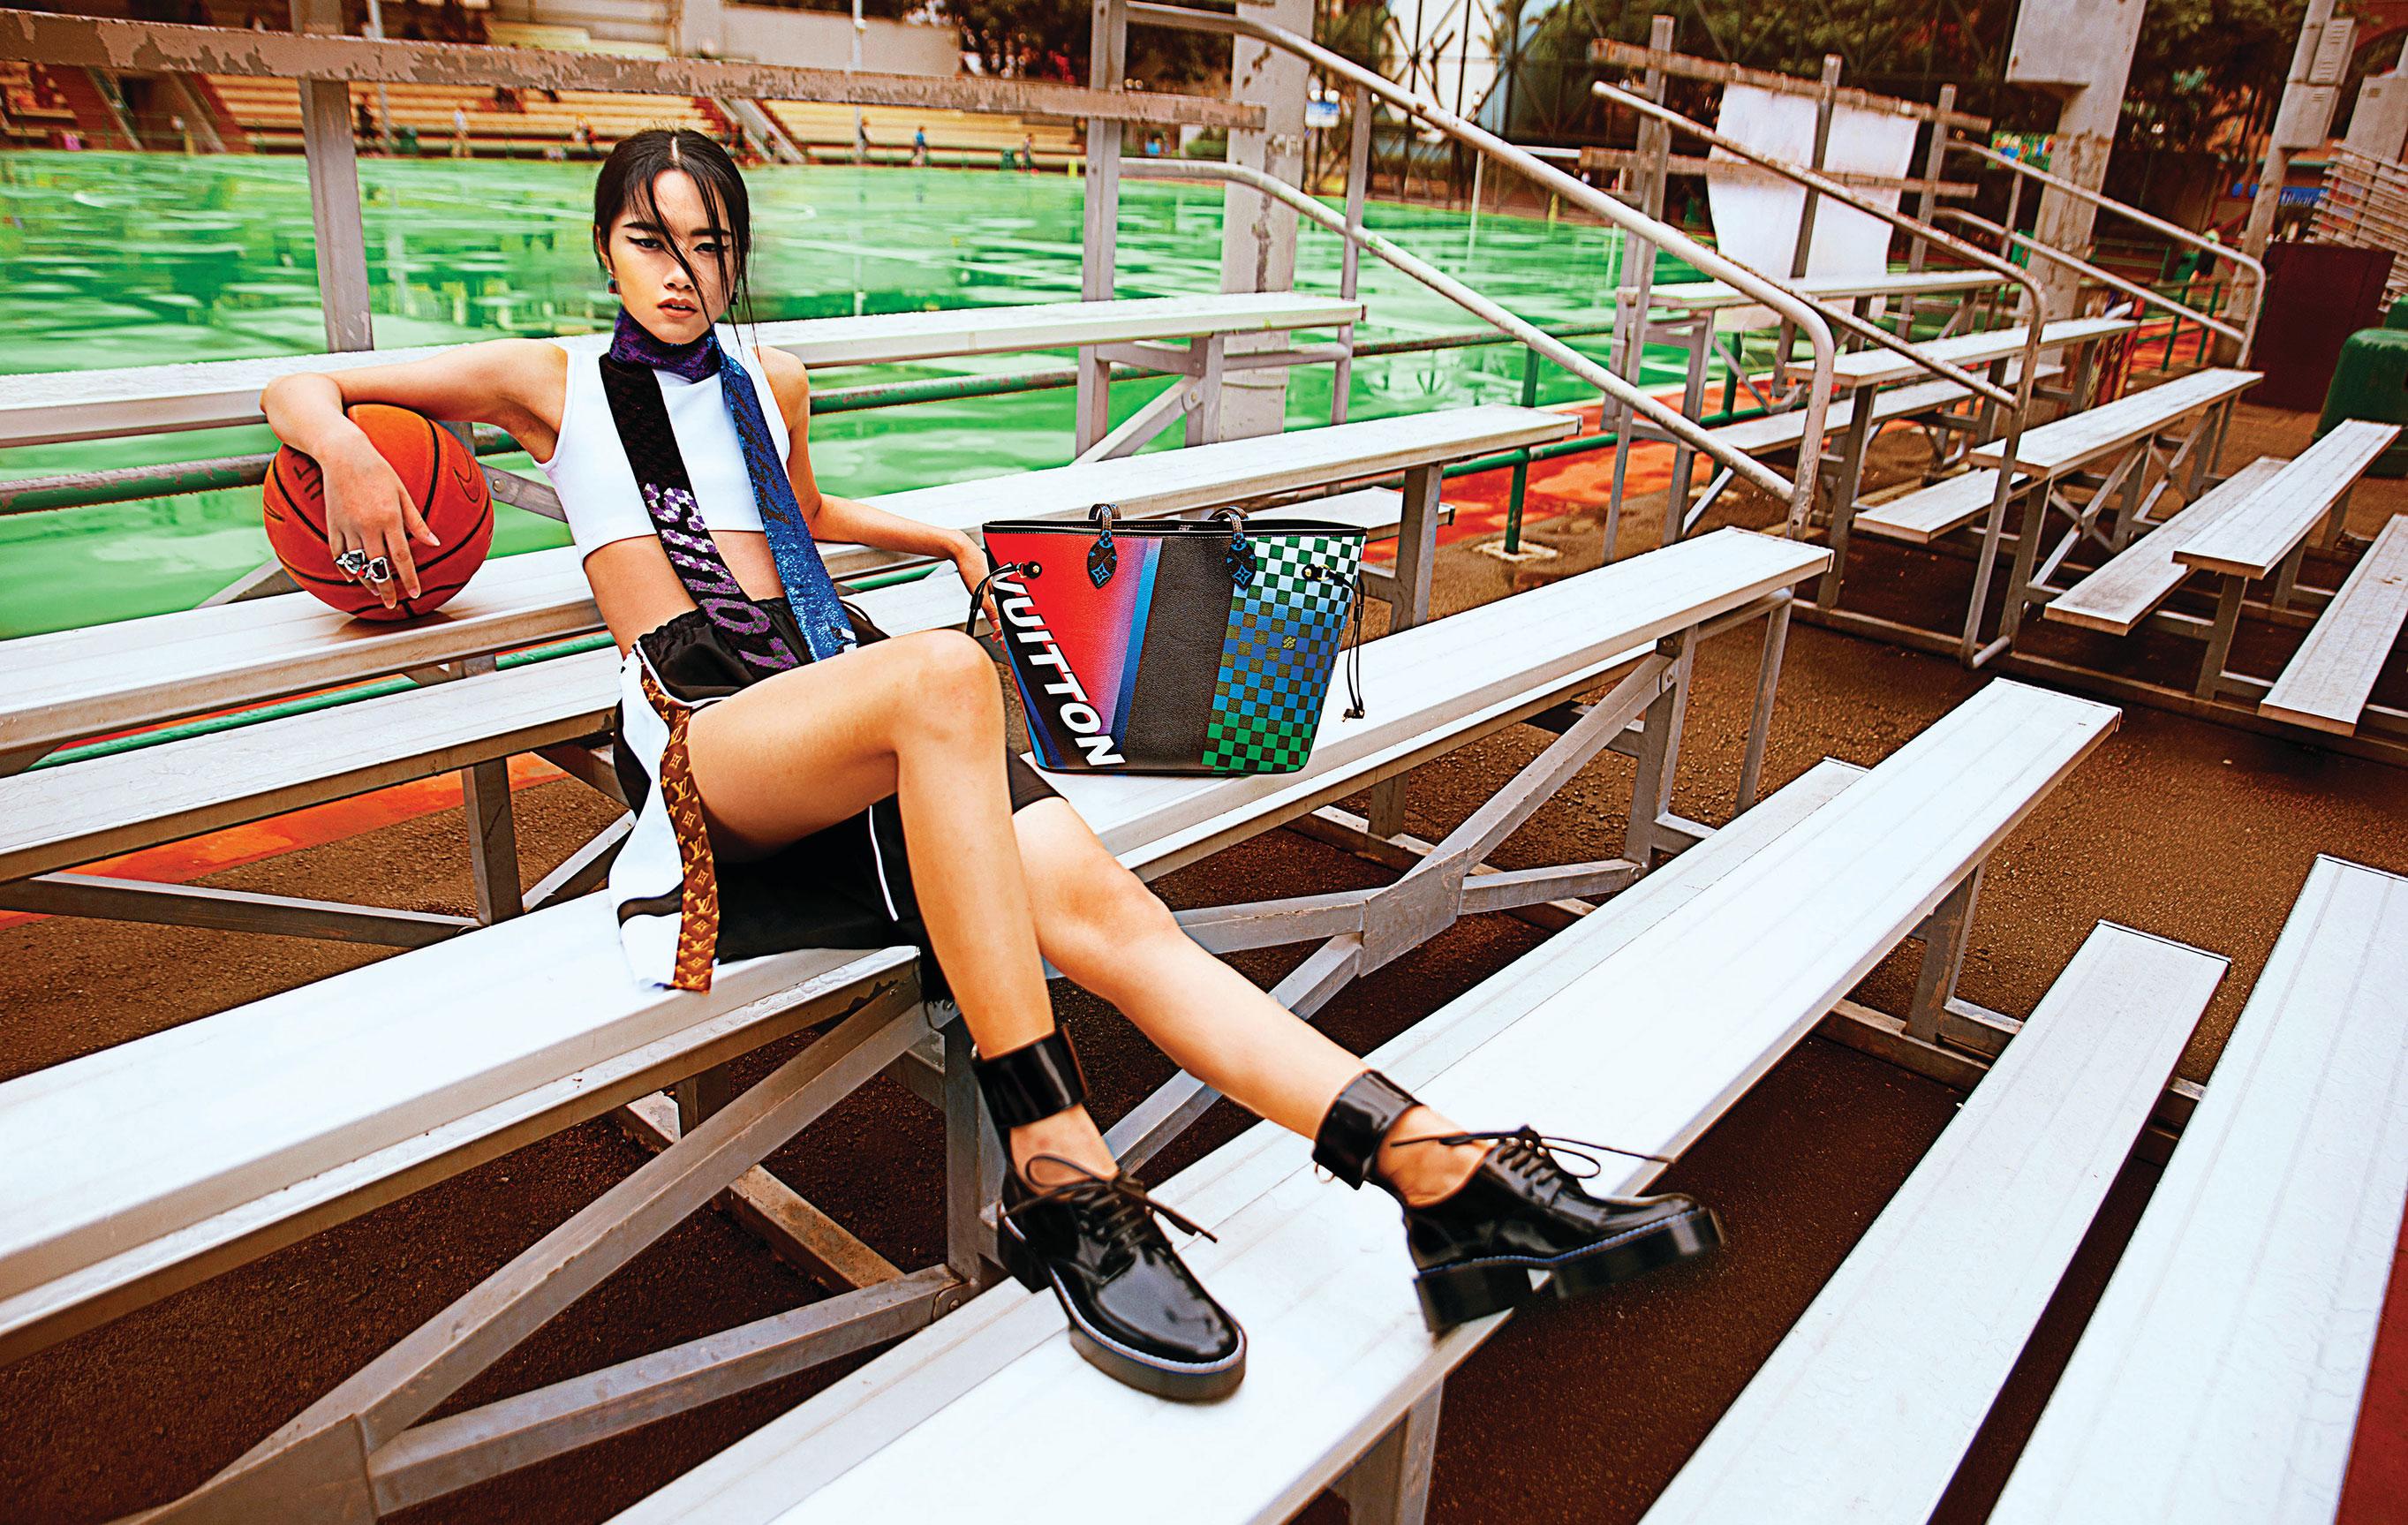 Модная азиатская девушка скучает на трибунах стадиона / фото 01